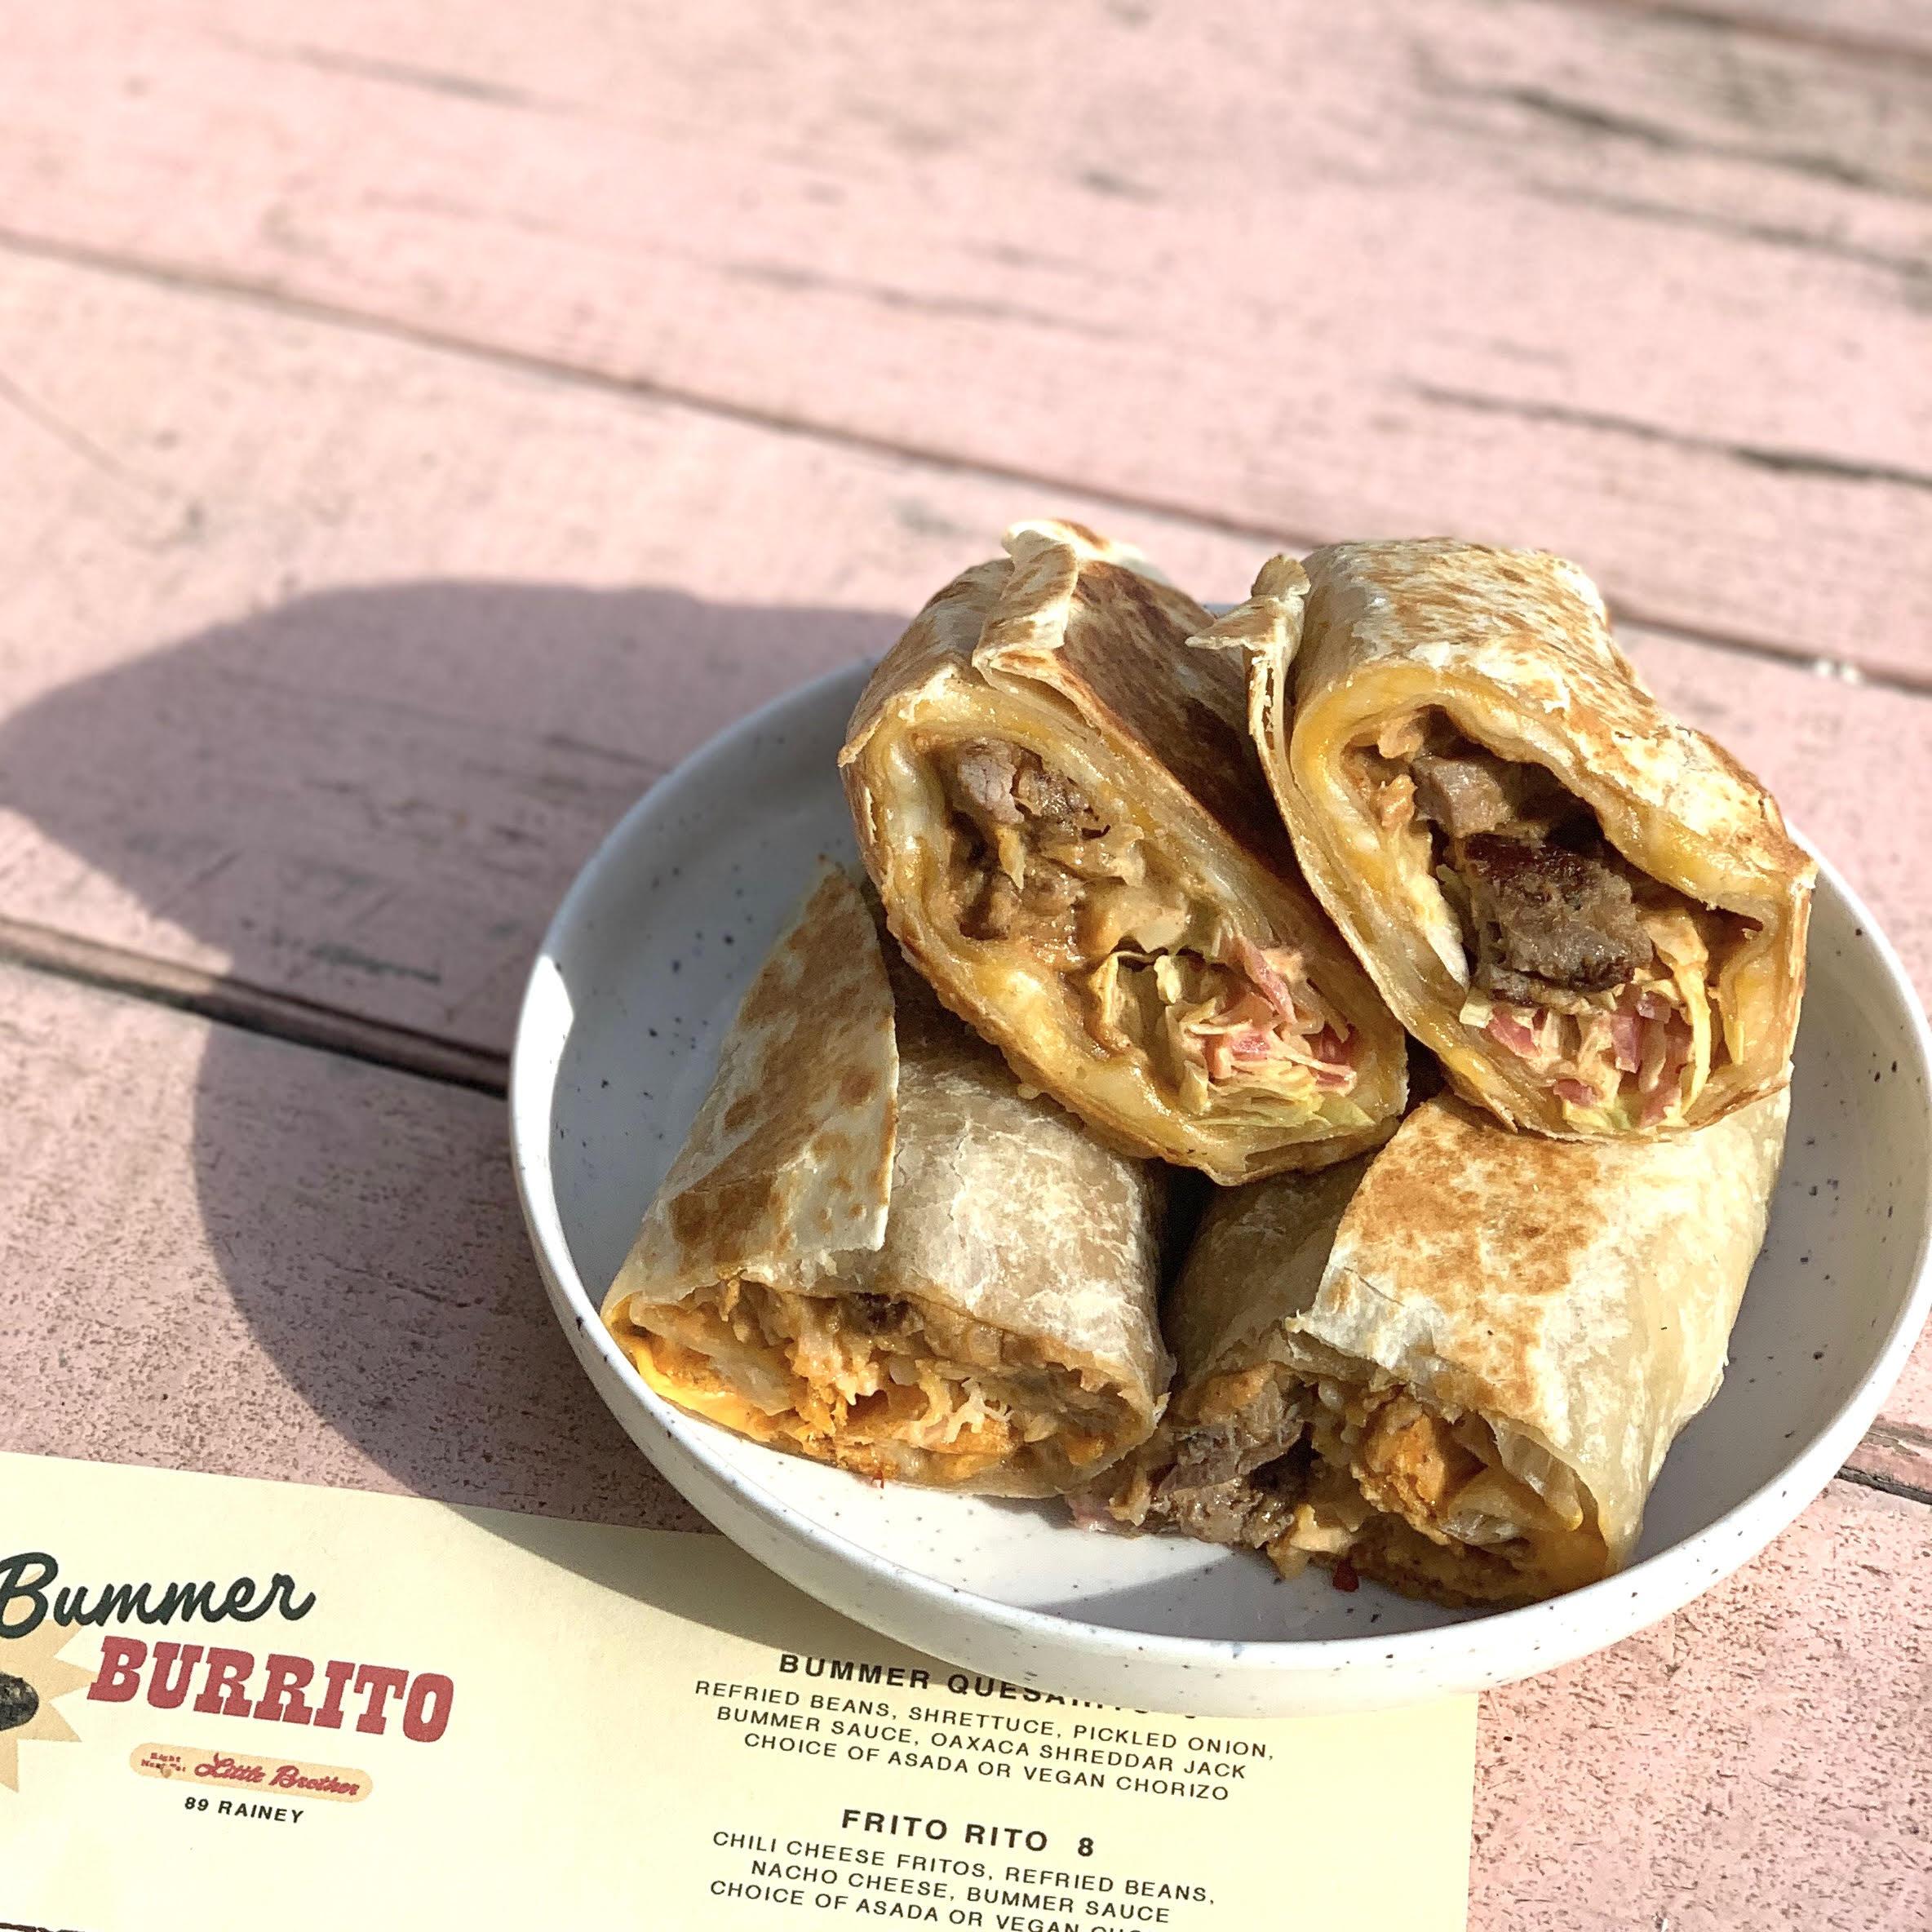 Burritos from Bummer Burrito